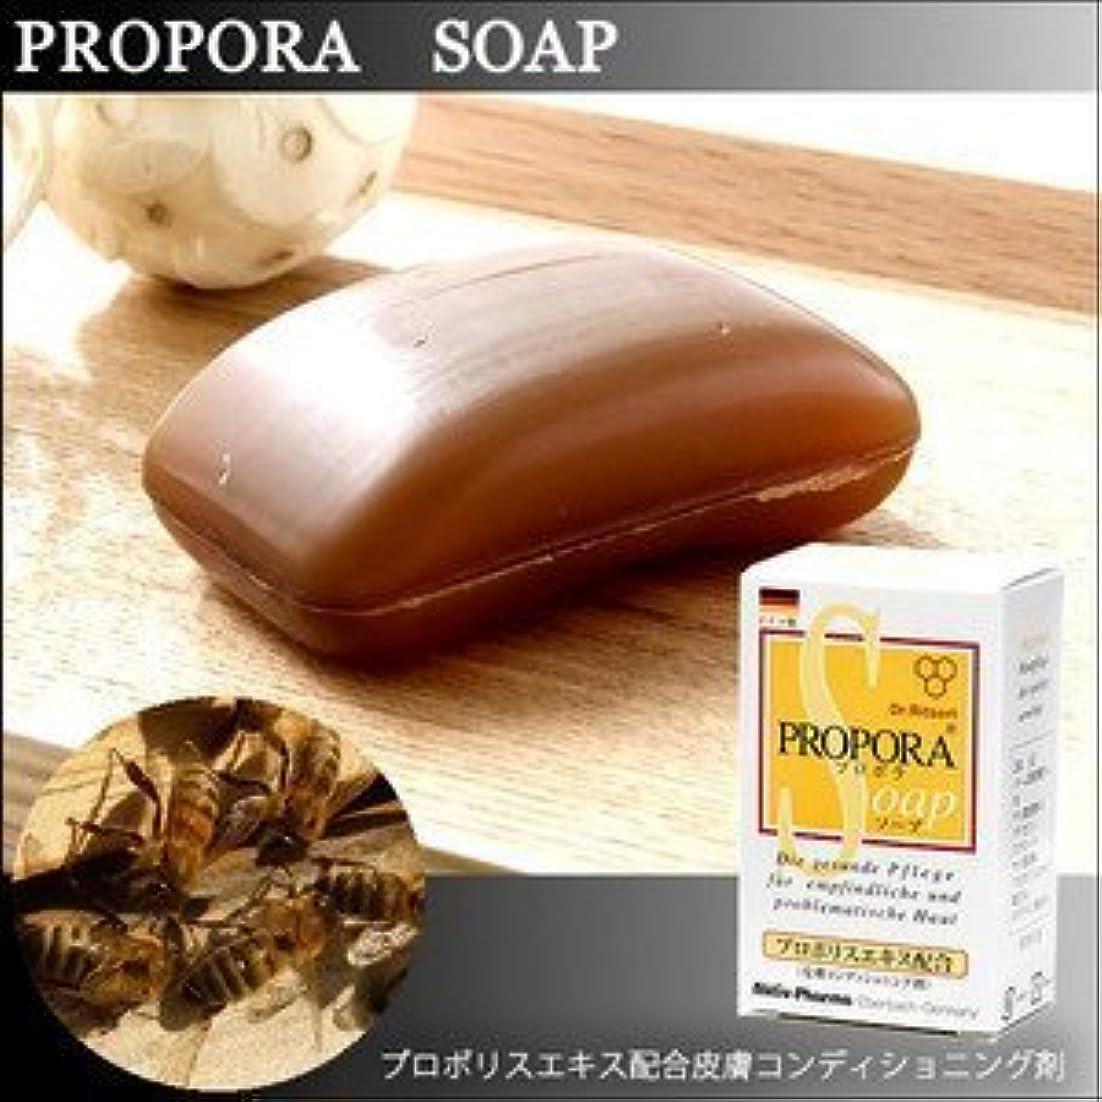 周辺スポンジ場所お肌にお悩みの方に 天然由来成分のみを使用したドイツ生まれのプロポラソープ